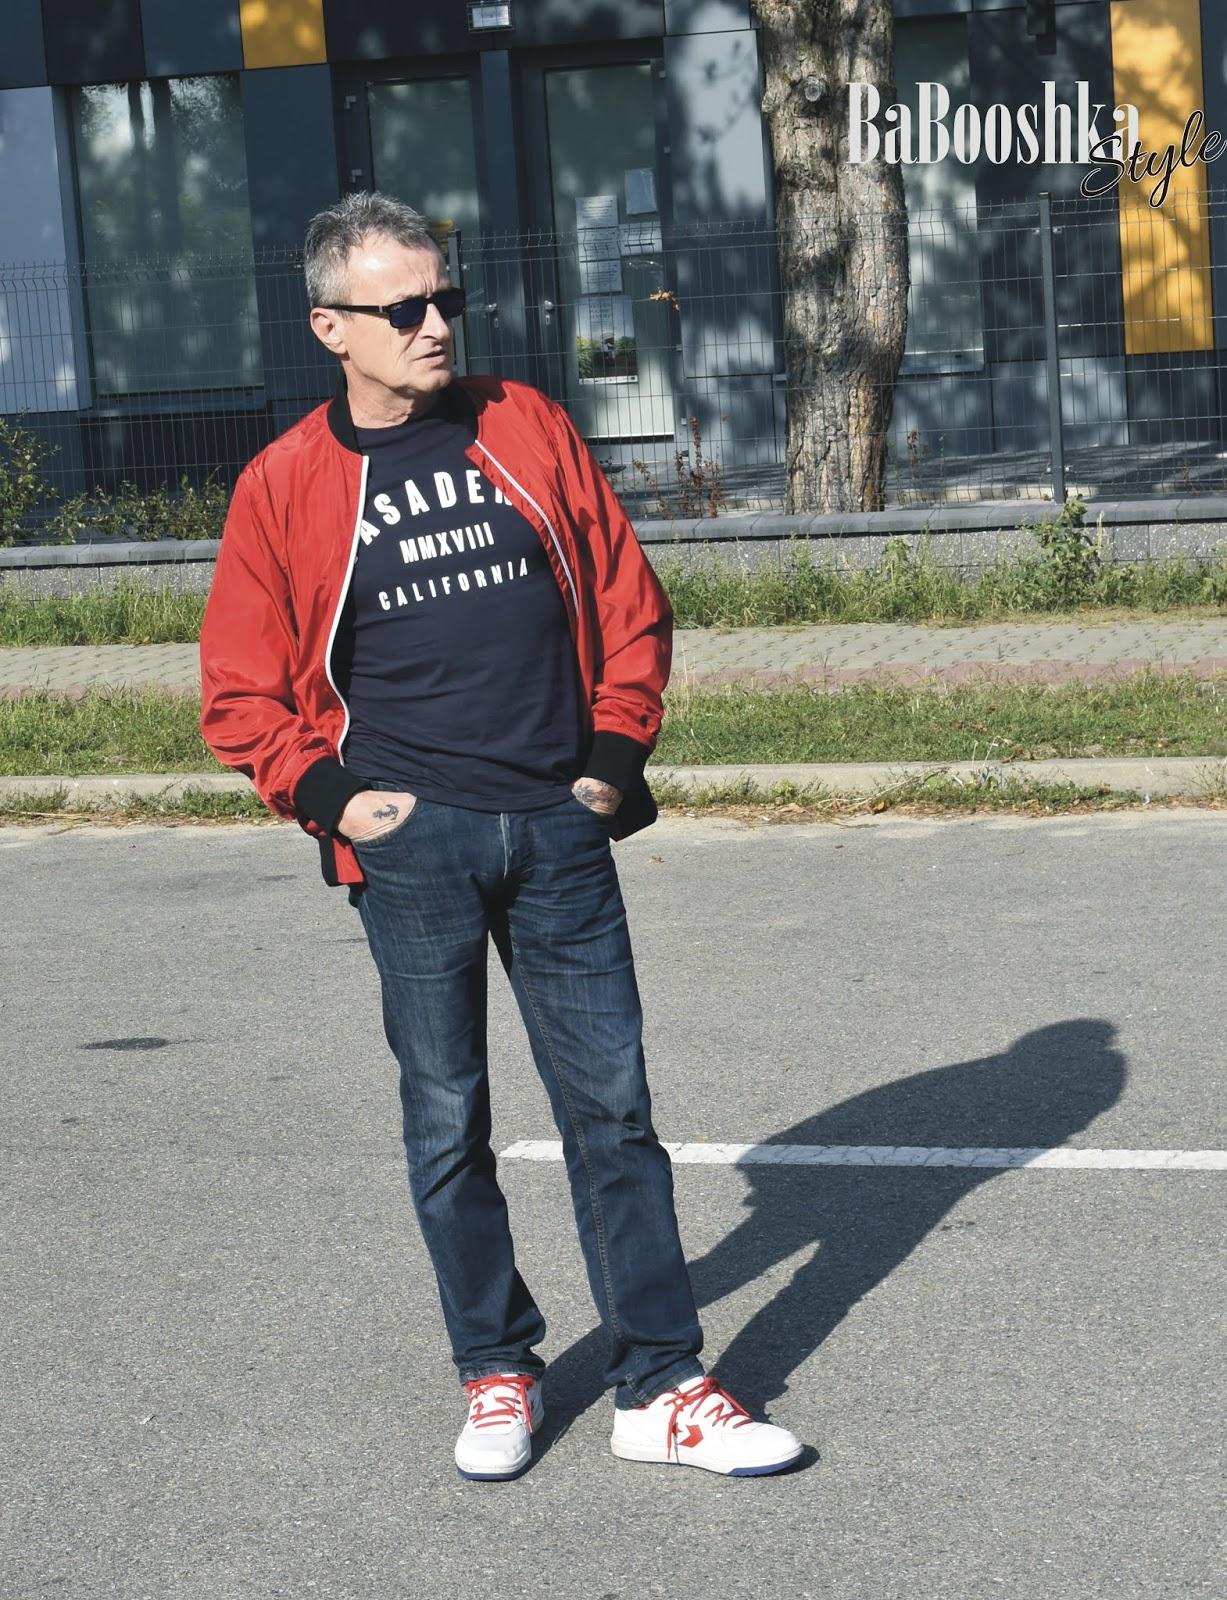 blogfashion, moda męska, streetstyle man, Babooshkastyle, polecam, Bonprix, Lee, Convers, sport style dla meżczyzn, stylistka